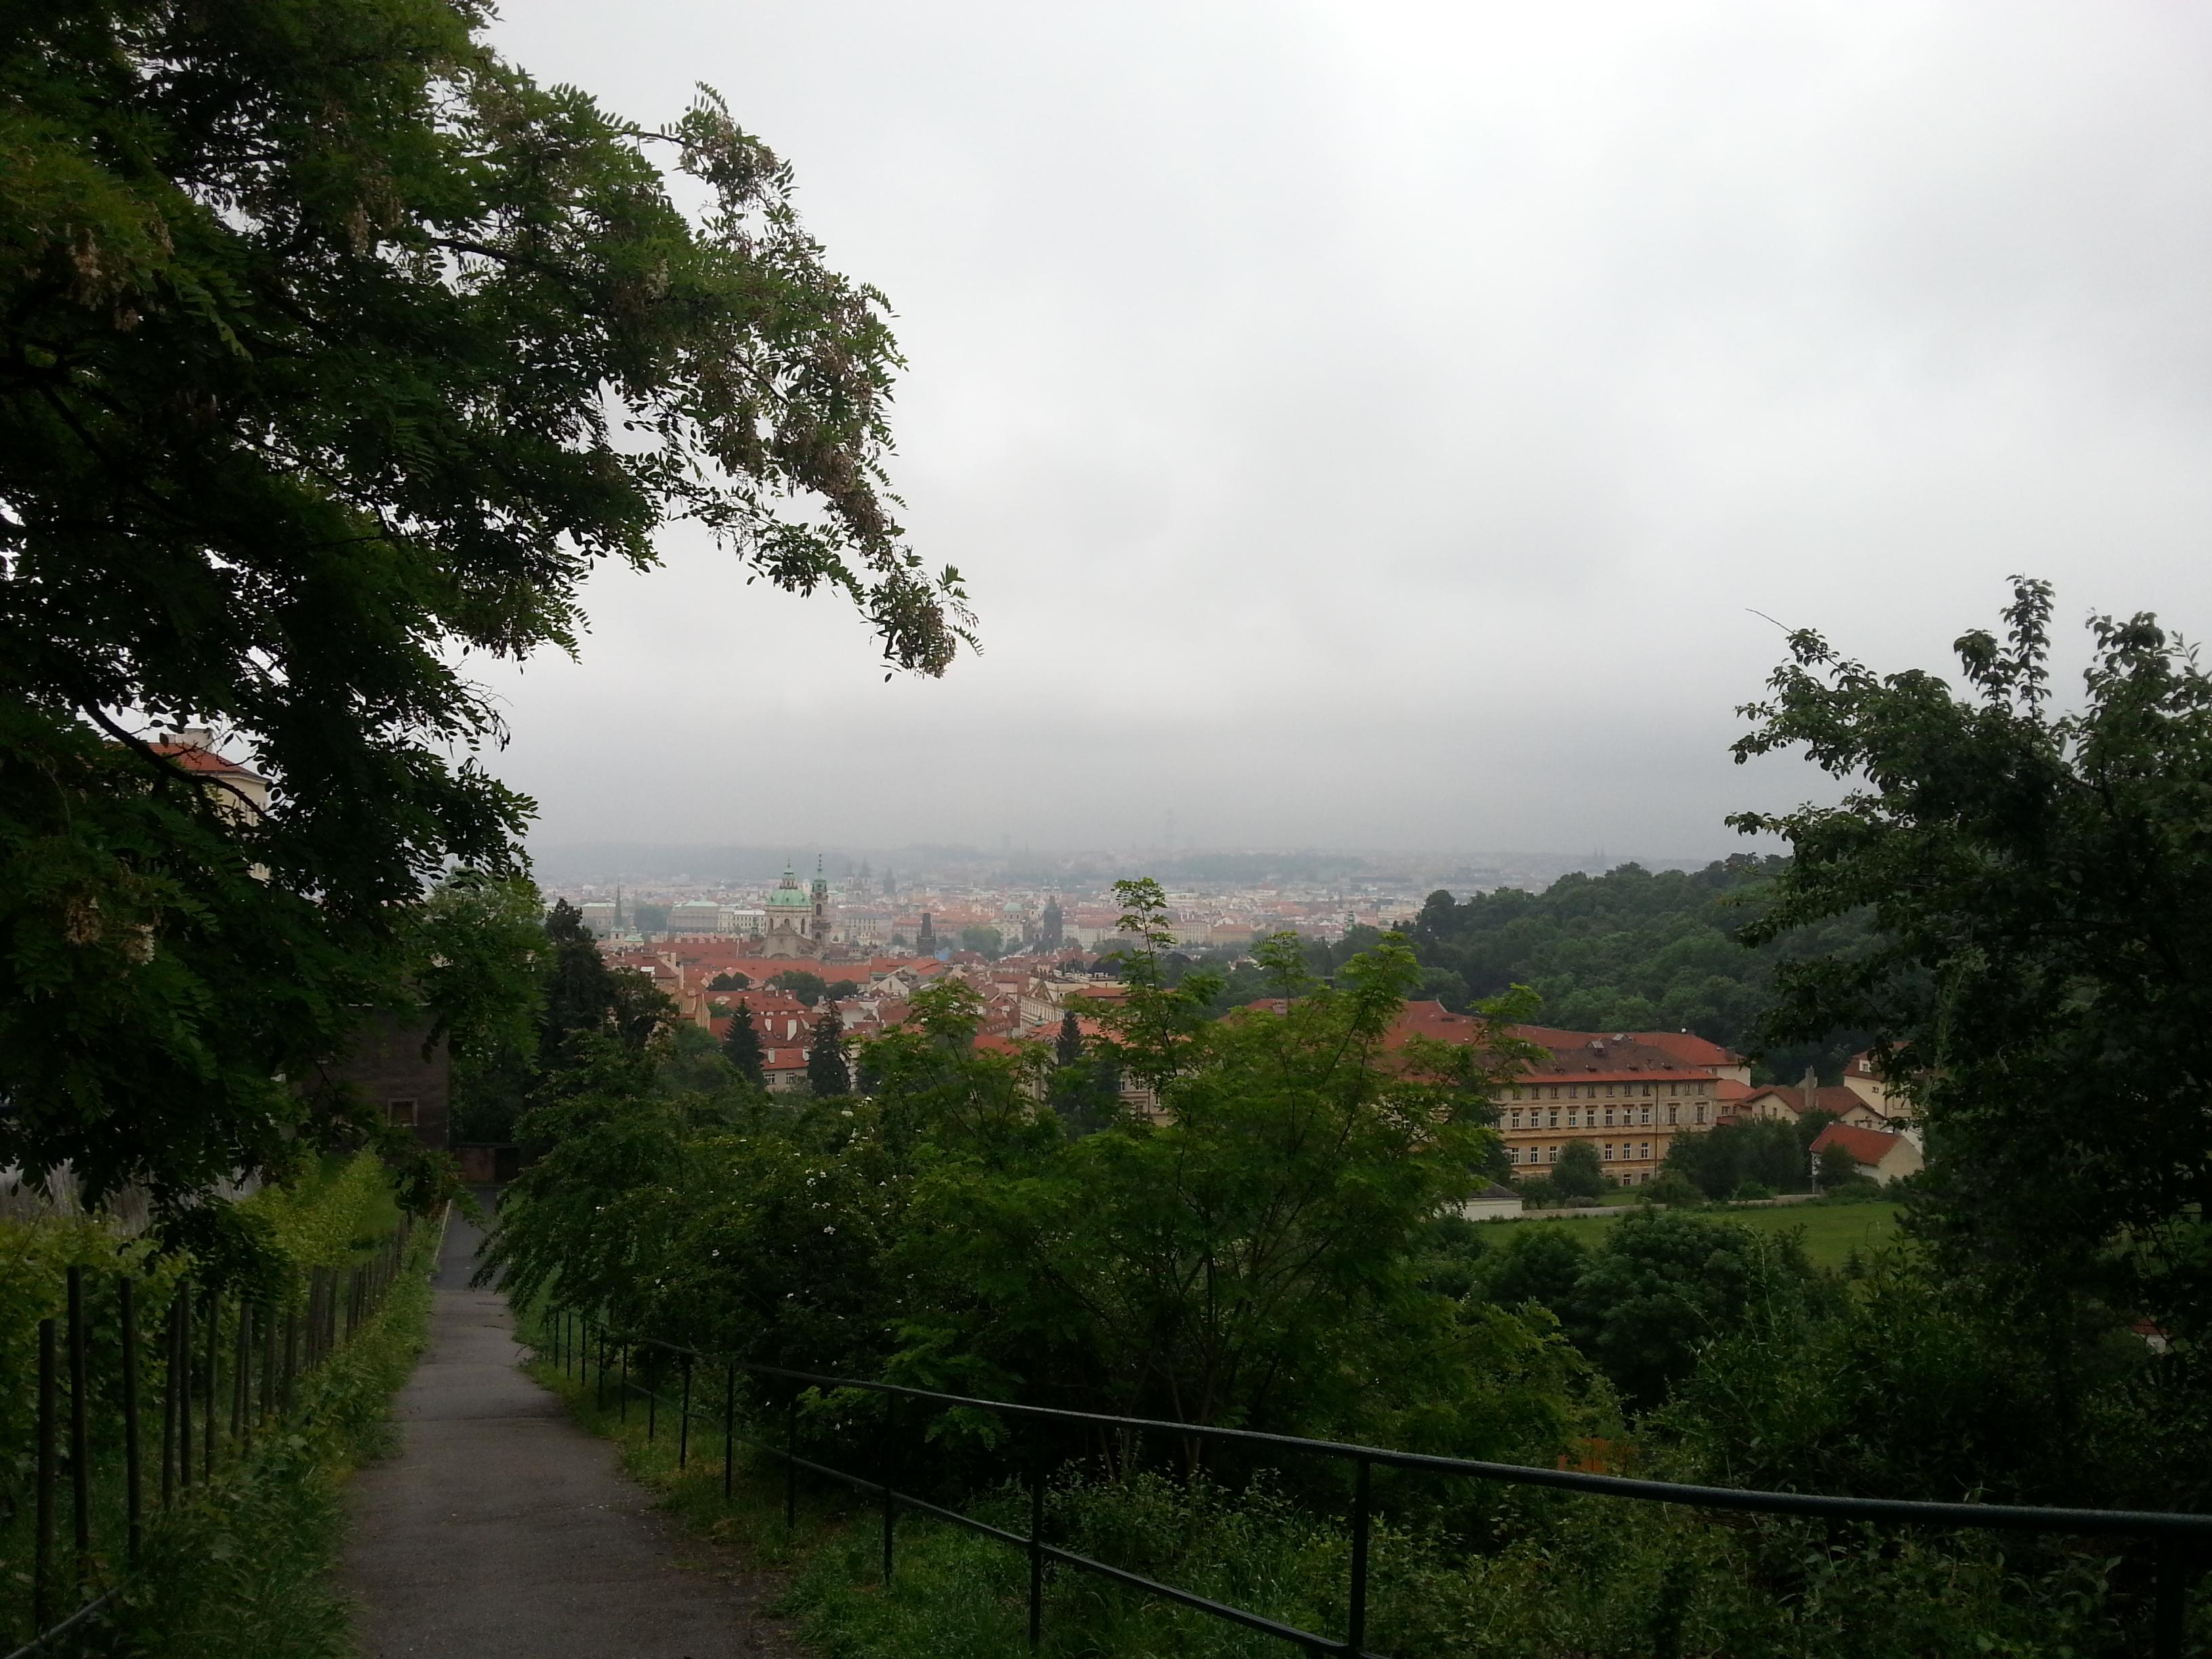 Prāgas panorama